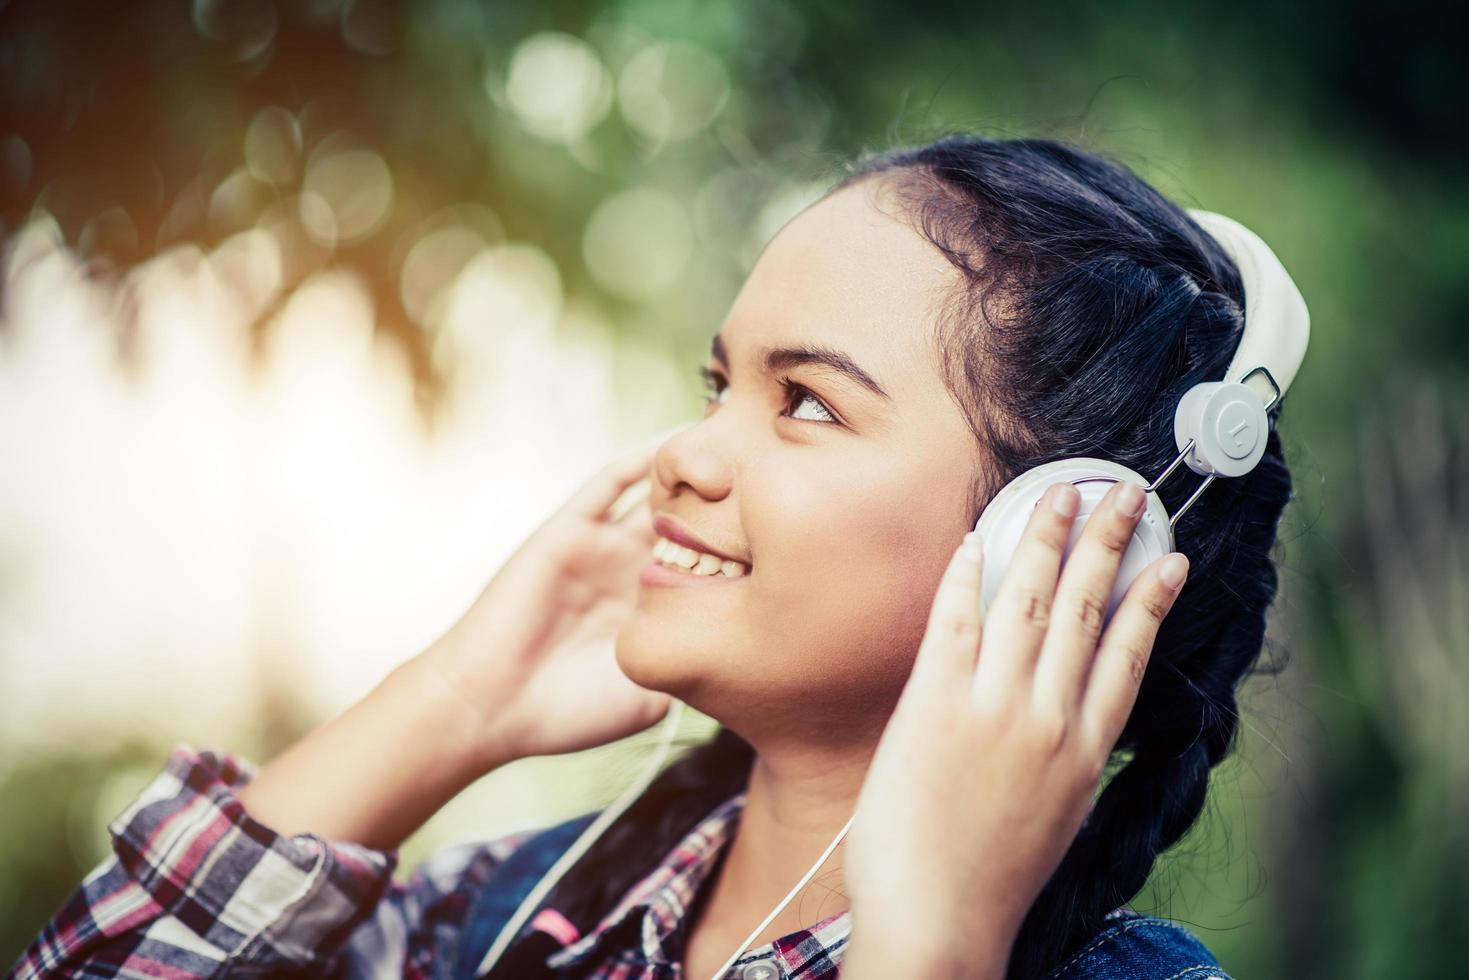 giovane ragazza felice che ascolta la musica con le sue cuffie foto